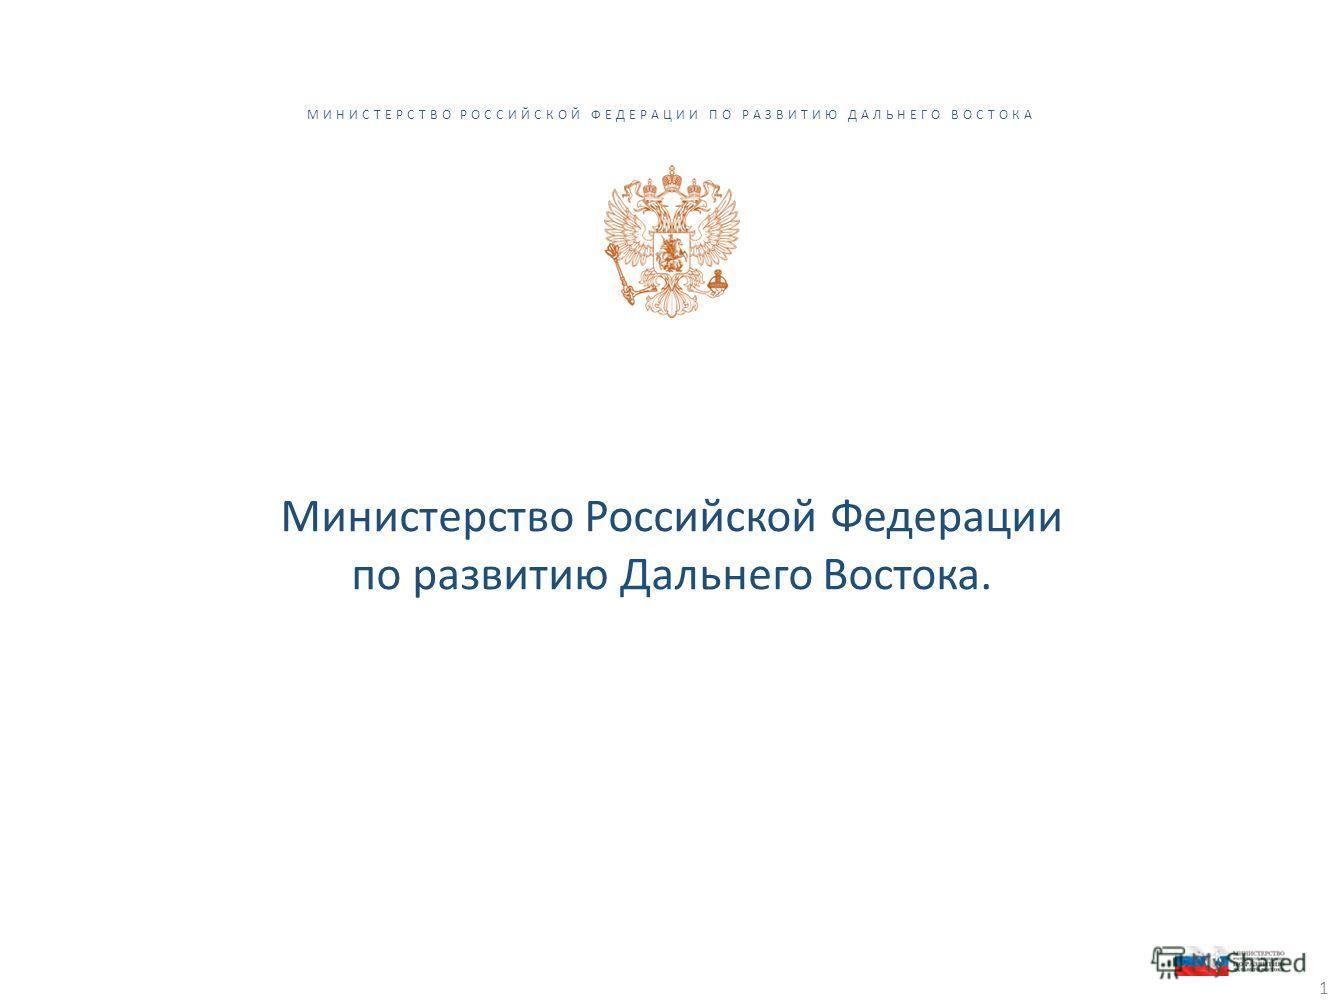 МИНИСТЕРСТВО РОССИЙСКОЙ ФЕДЕРАЦИИ ПО РАЗВИТИЮ ДАЛЬНЕГО ВОСТОКА Министерство Российской Федерации по развитию Дальнего Востока. 1